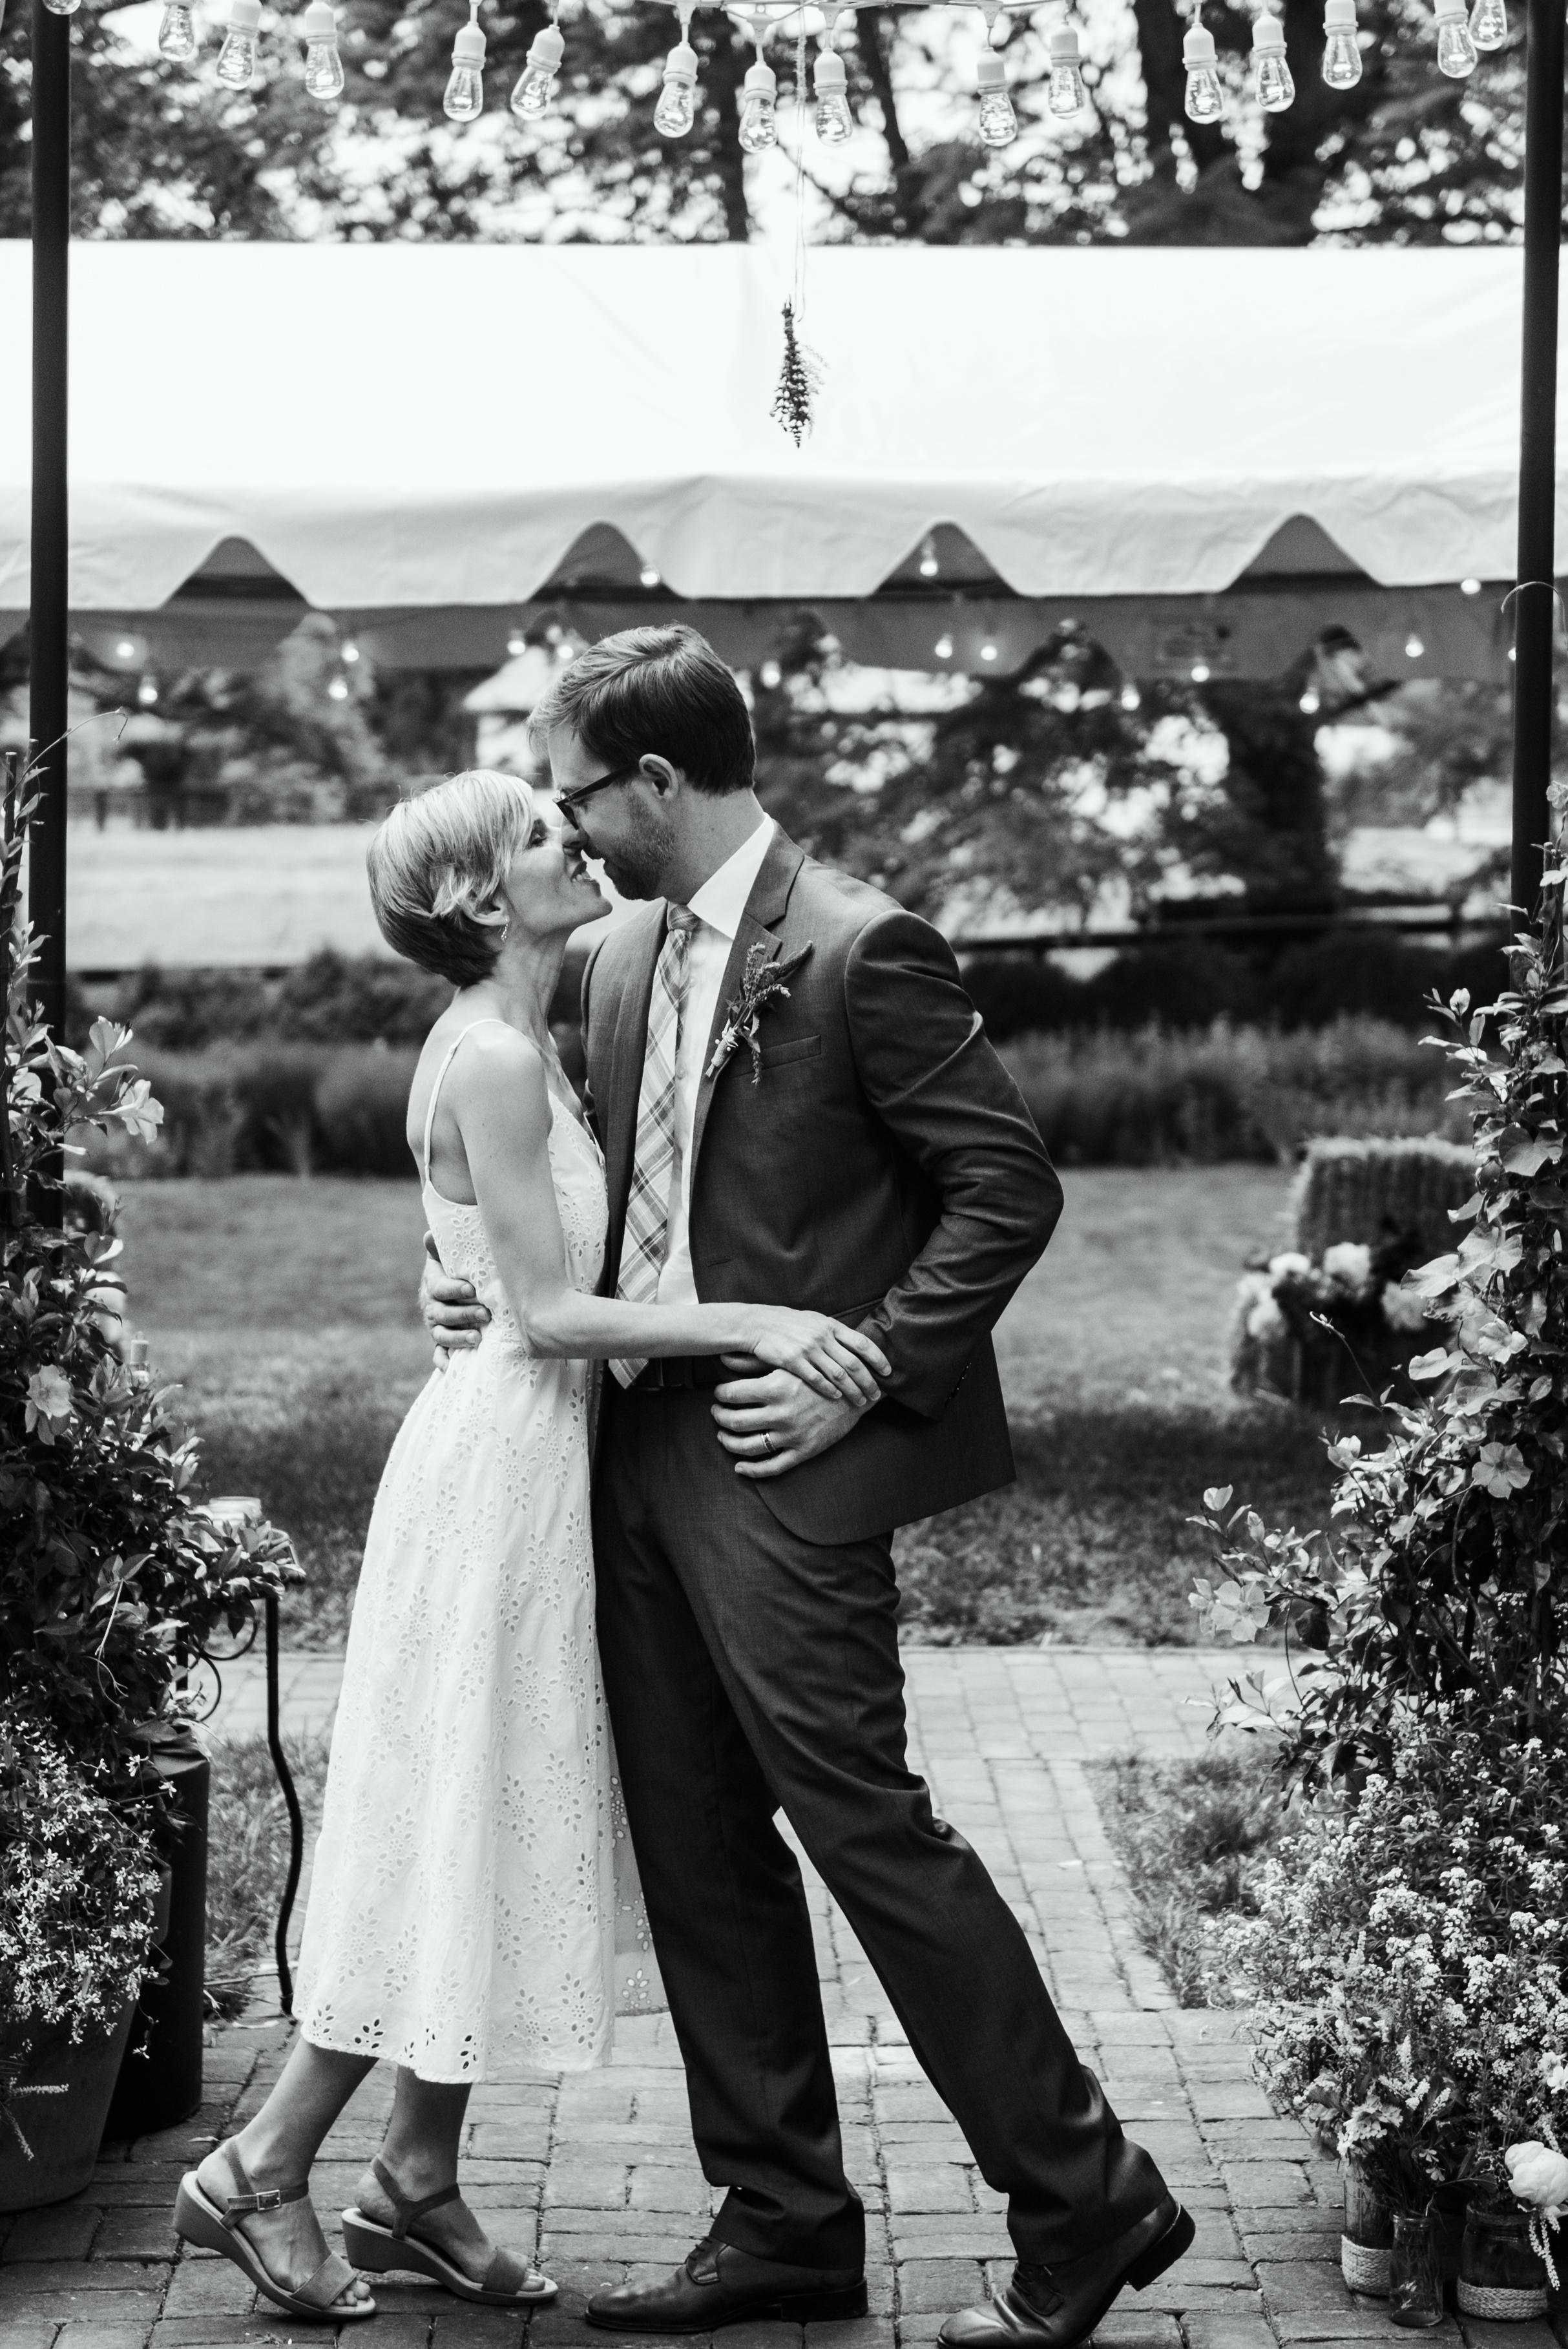 emilybrandonmarylandweddingblog-26.jpg